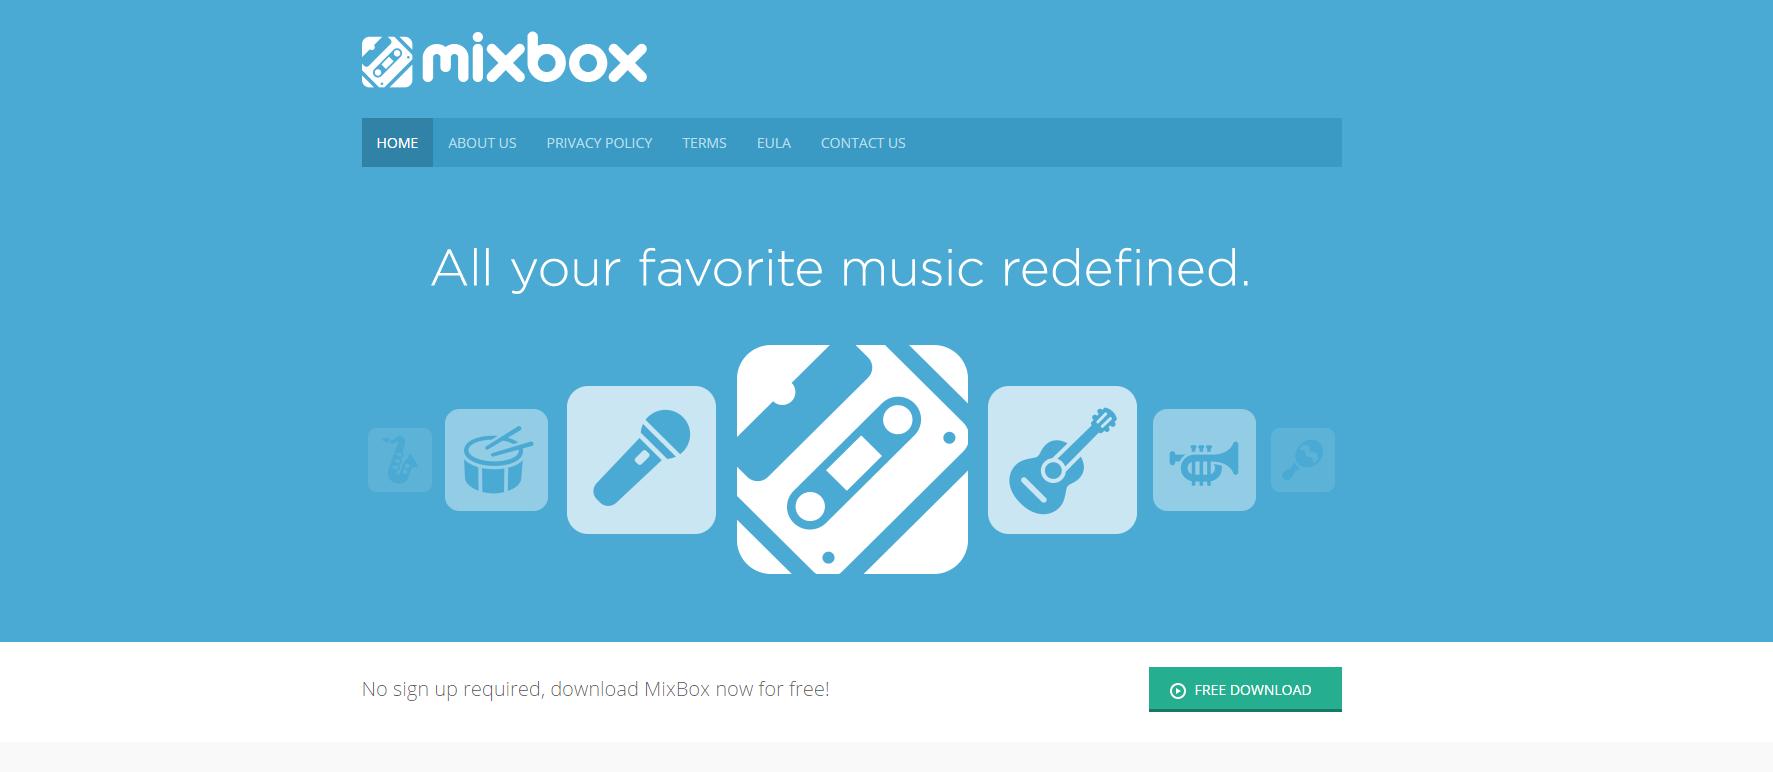 MixBox ads